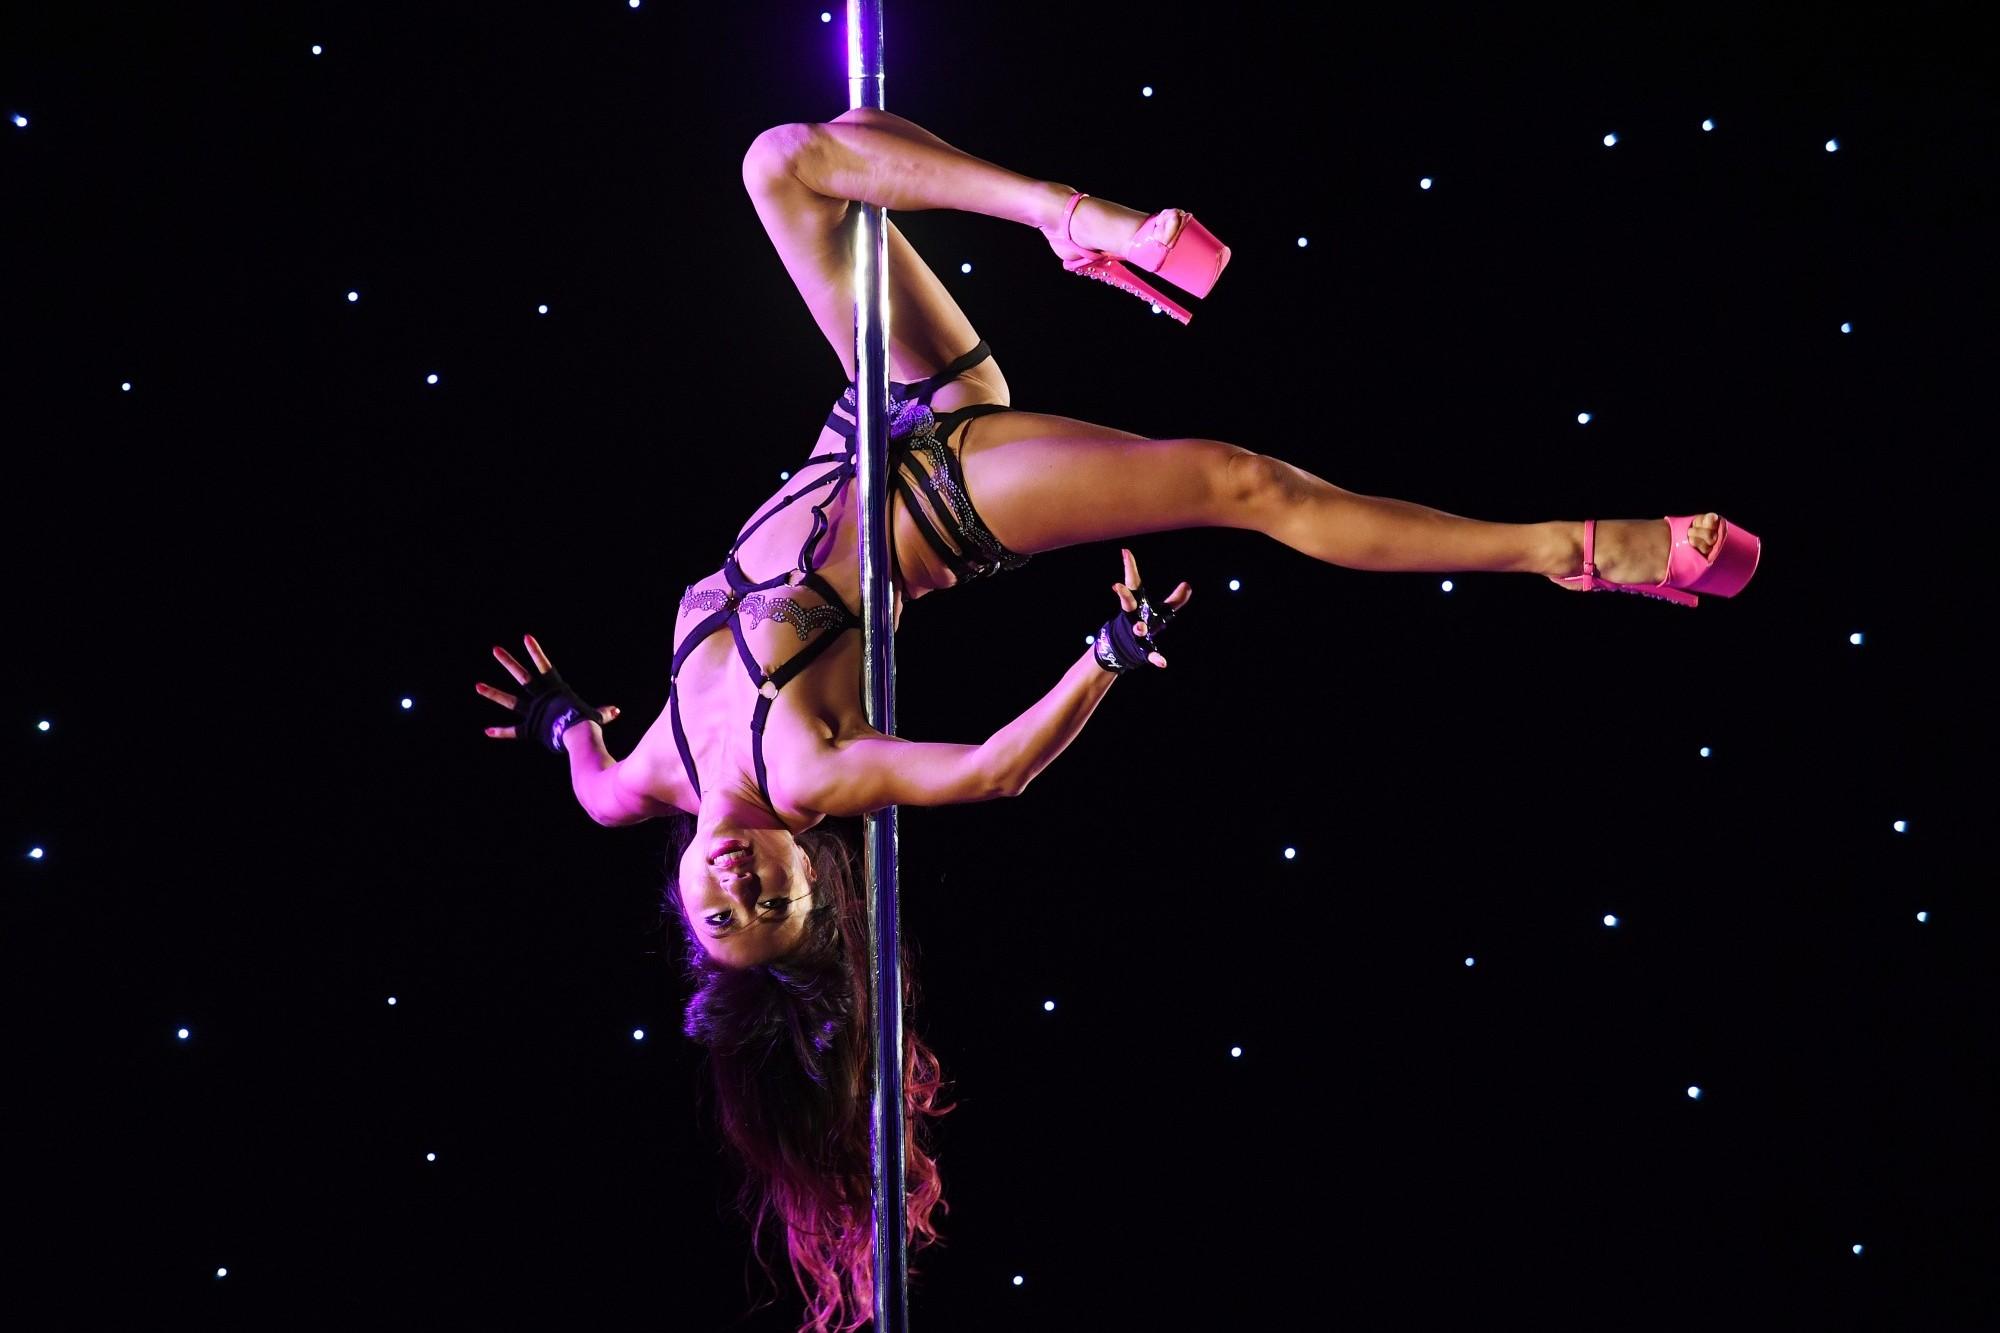 Une stripteaseuse danse